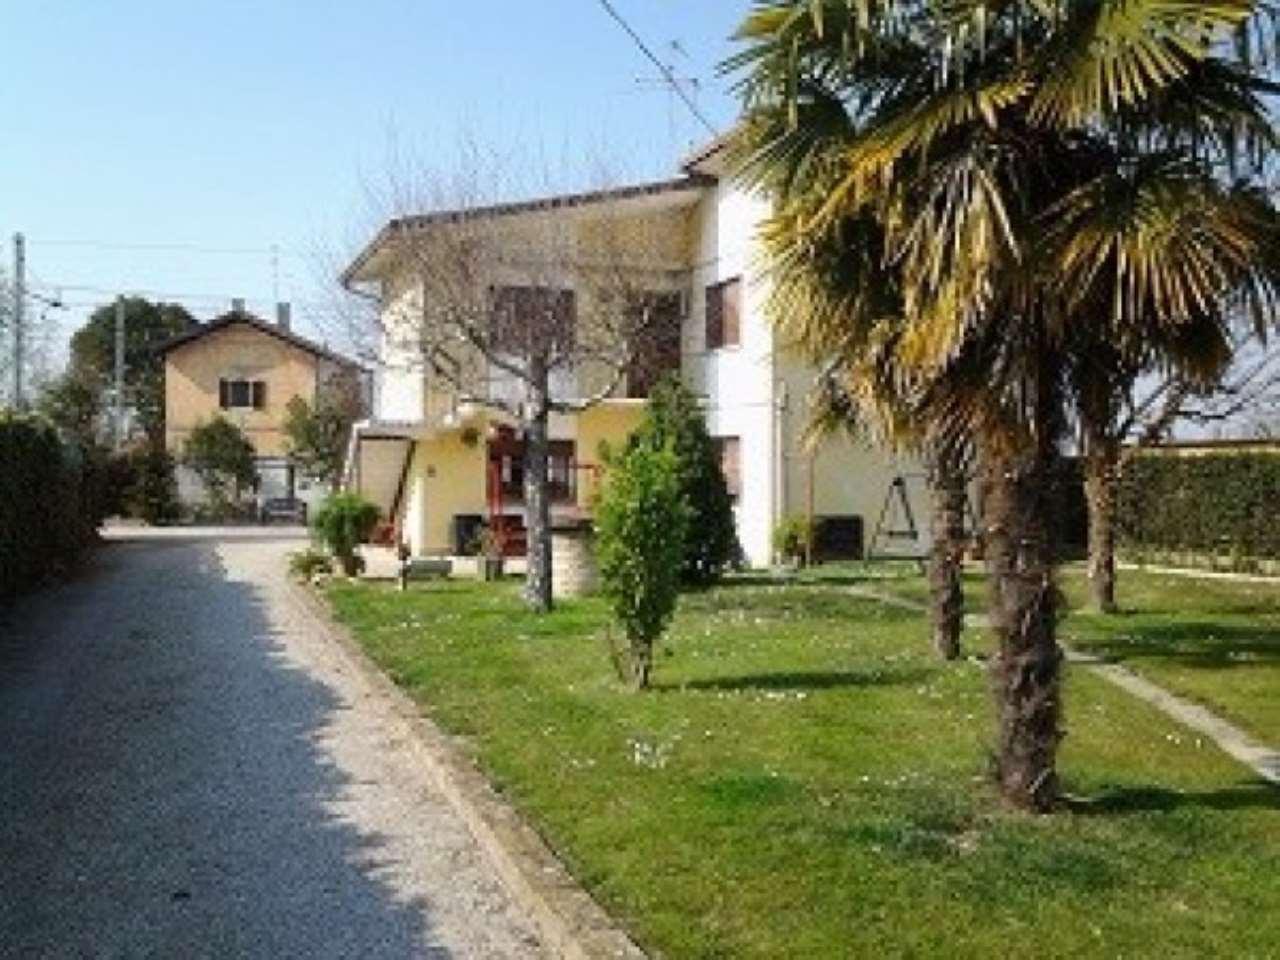 Villa in vendita a Ceggia, 9999 locali, prezzo € 159.000 | Cambio Casa.it